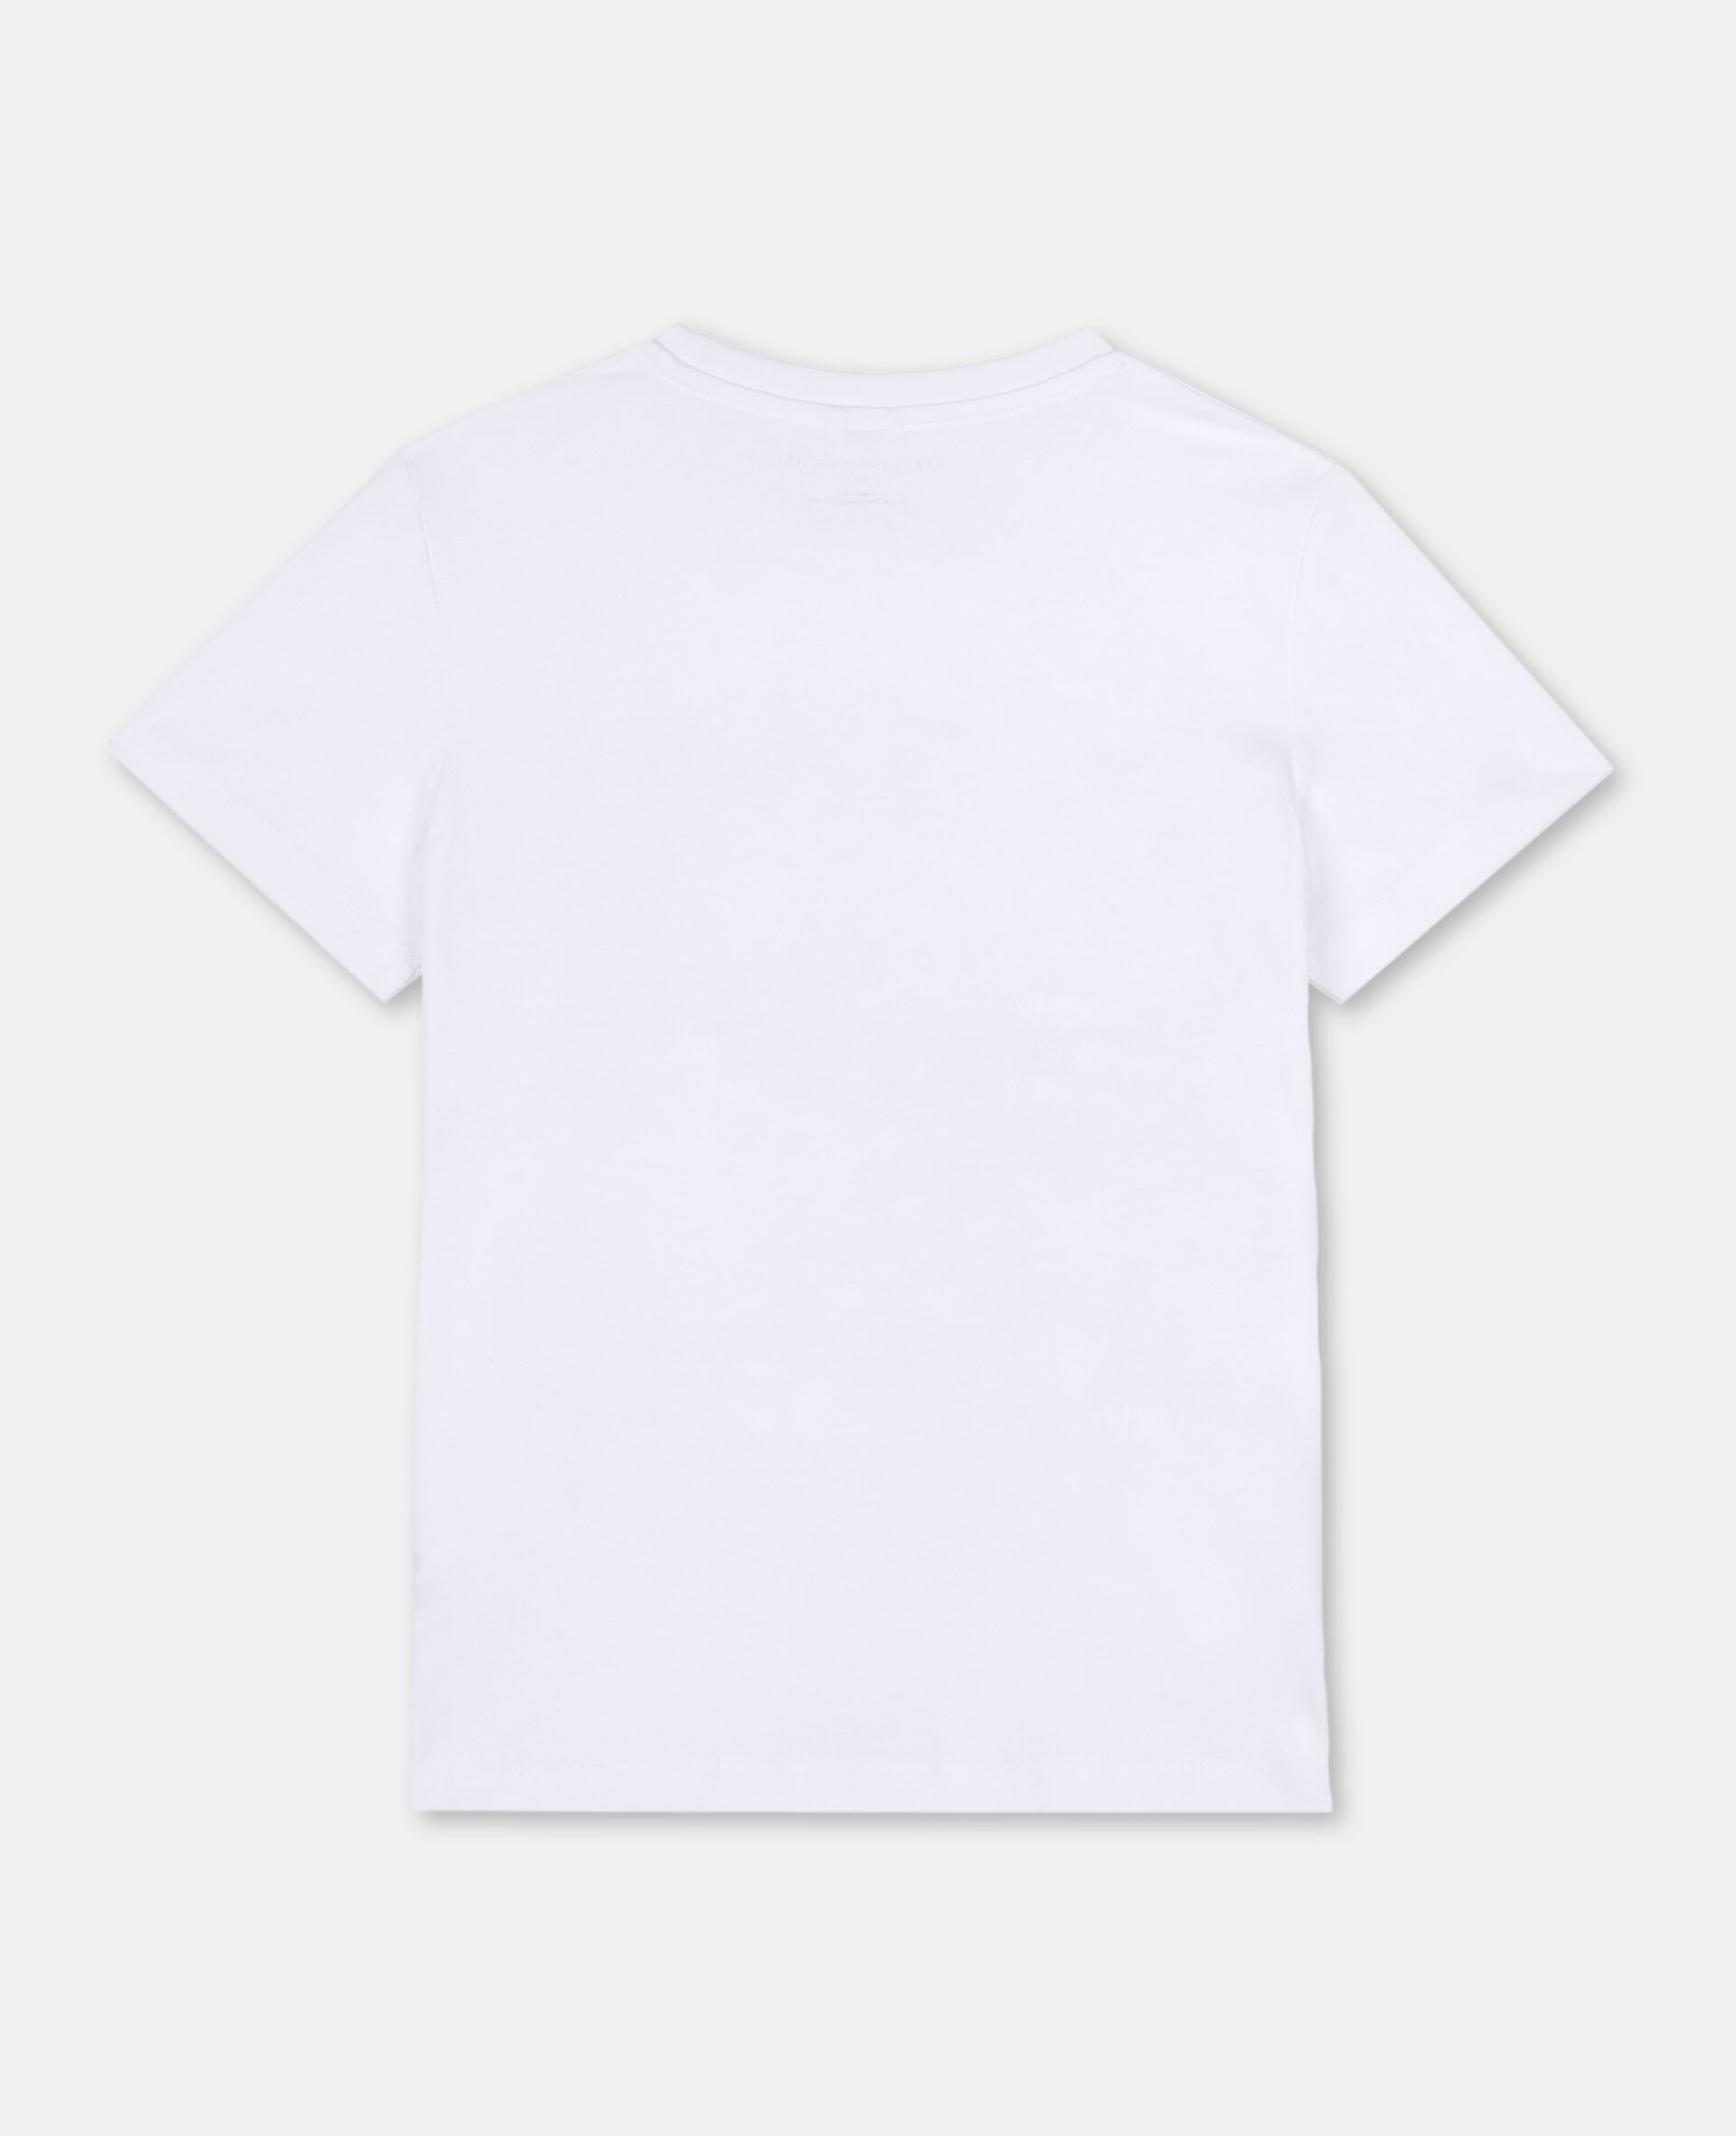 错视效果 Pirate 棉质 T 恤 -白色-large image number 3